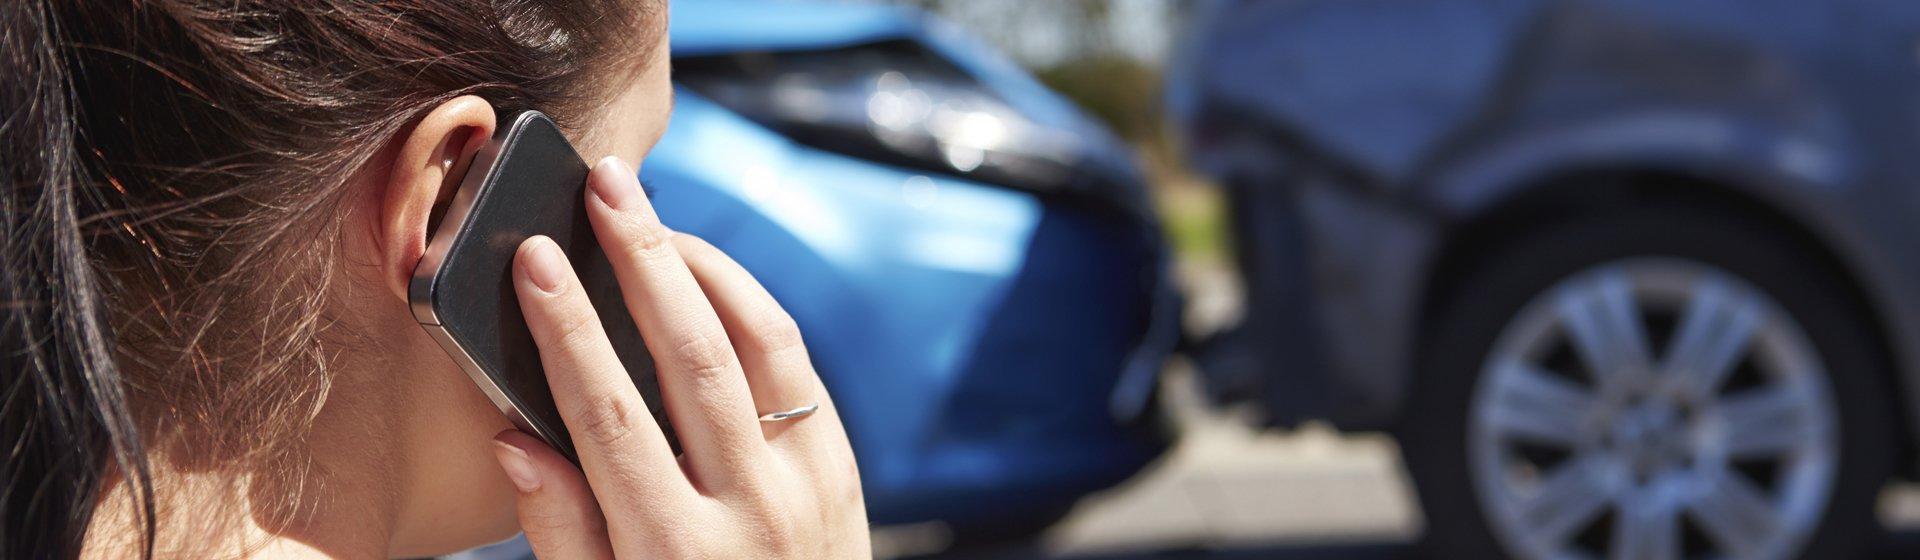 Autoverzekering jongeren steeds duurder (NPO Radio 1)